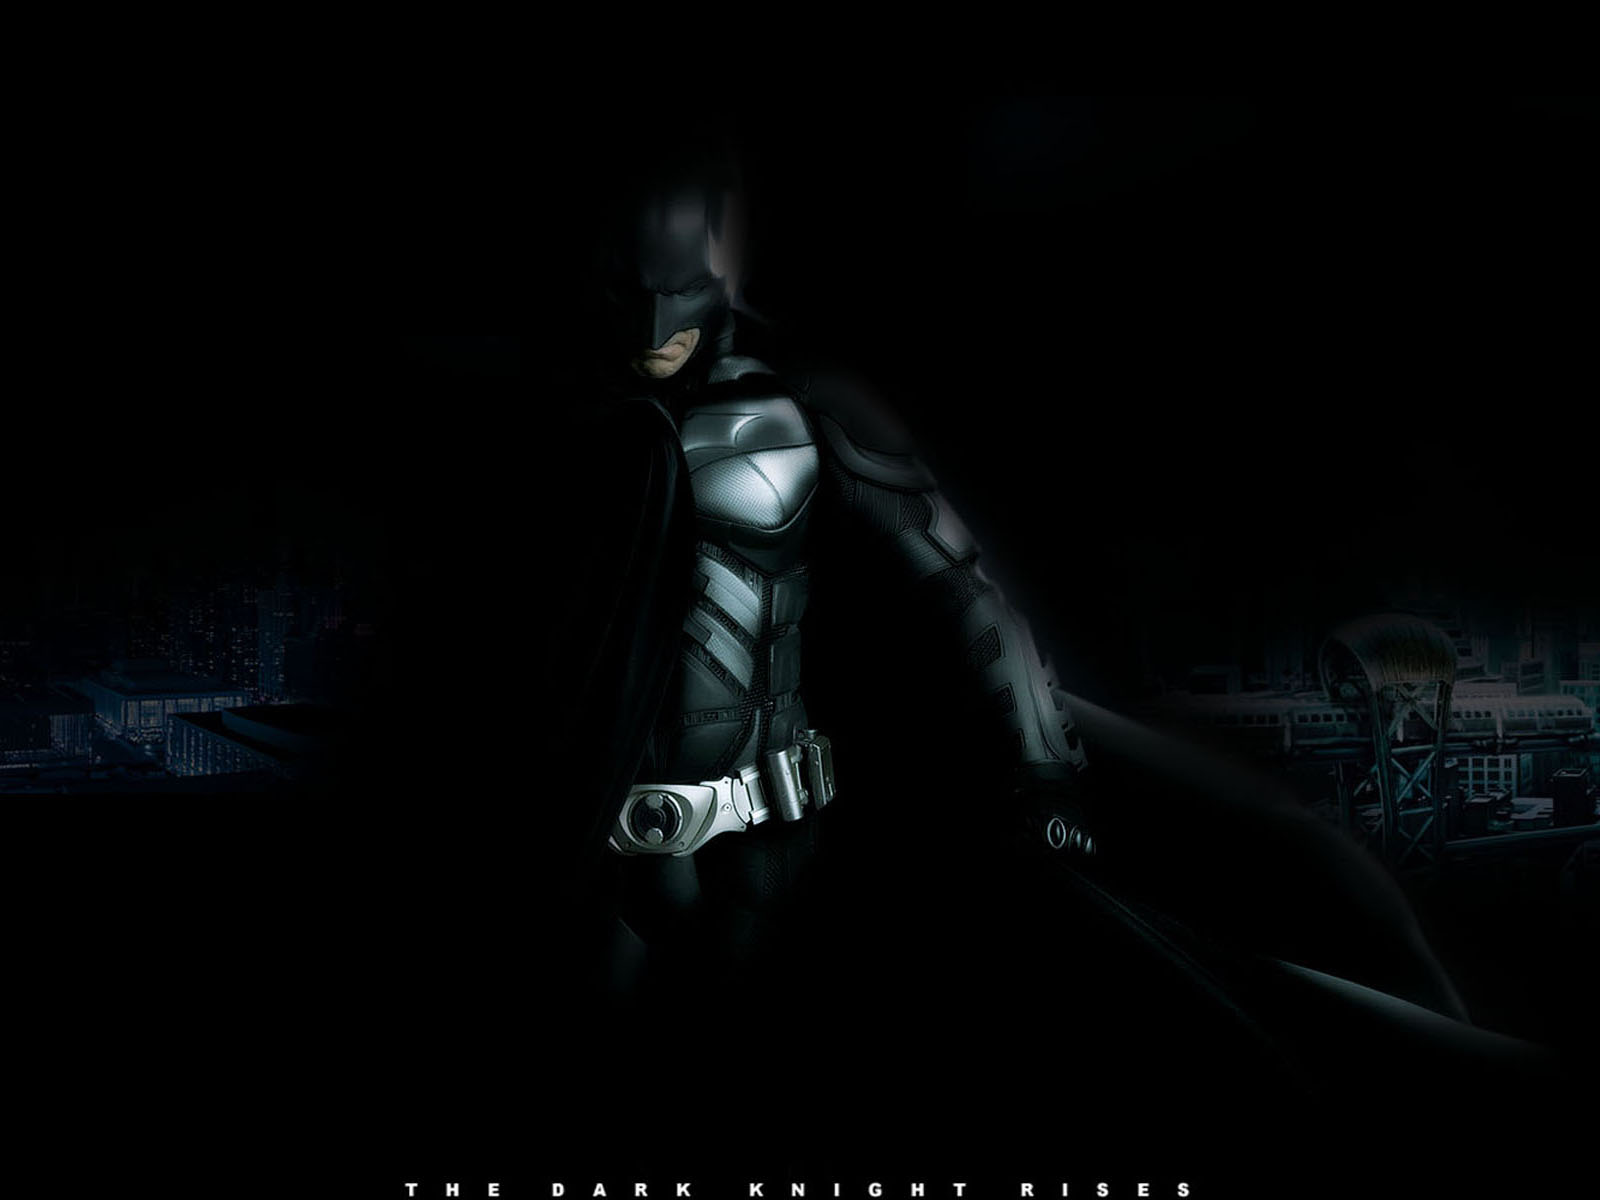 Dark Night Hd Wallpaper 1600x1200